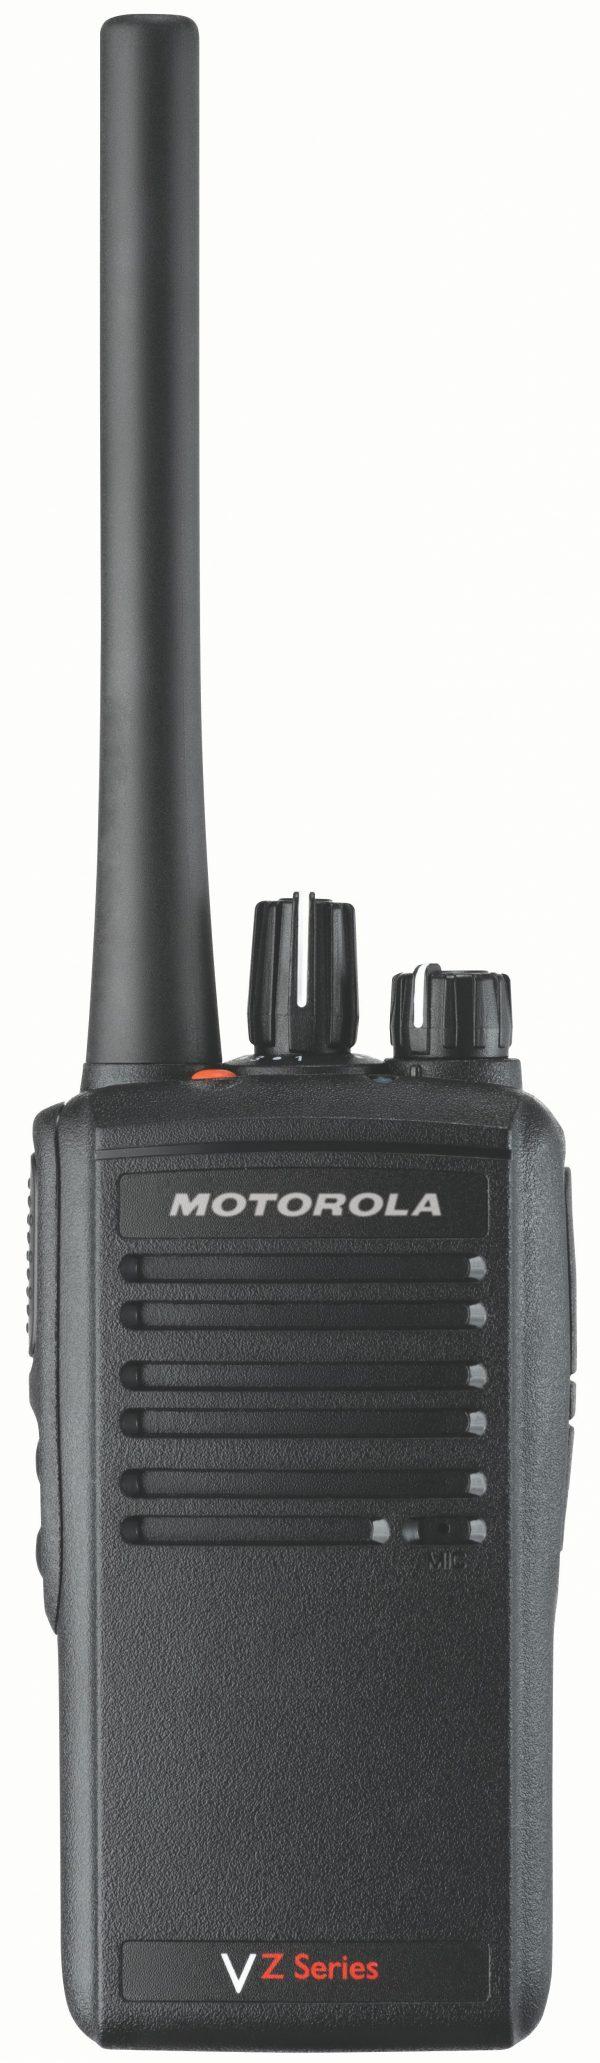 Портативная радиостанция Motorola VZ-20